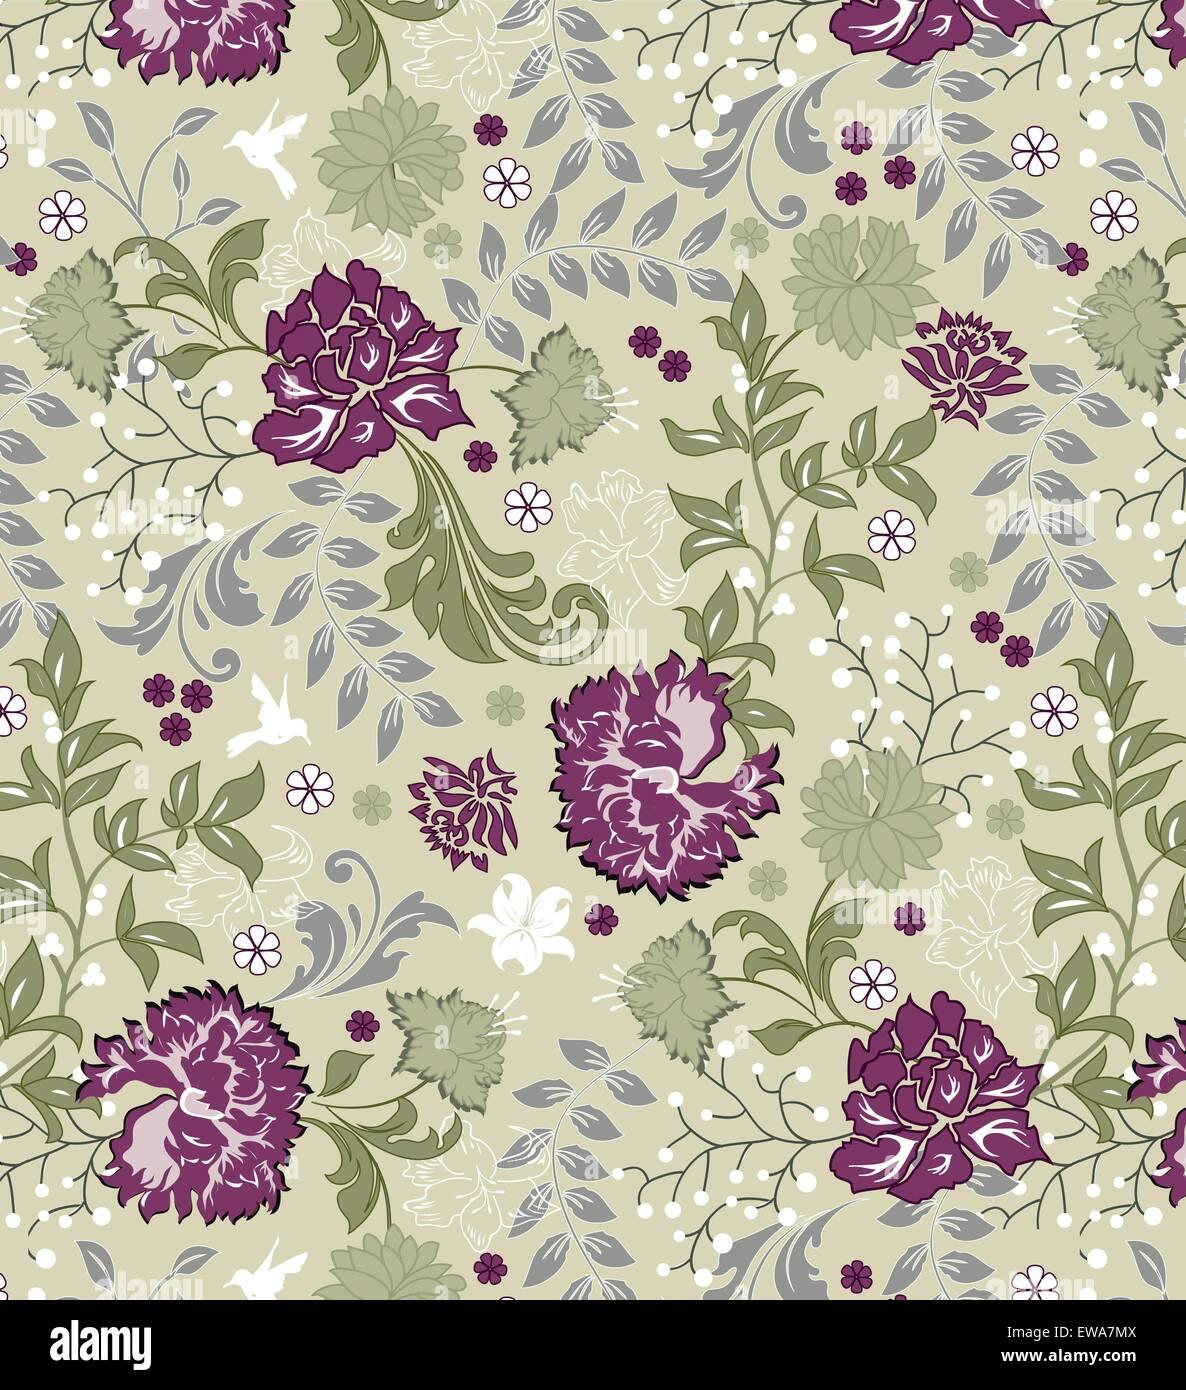 Vintage-Hintergrund mit reich verzierten eleganten Retro-abstrakten floralen Design, mehrfarbige Blüten und Stockbild